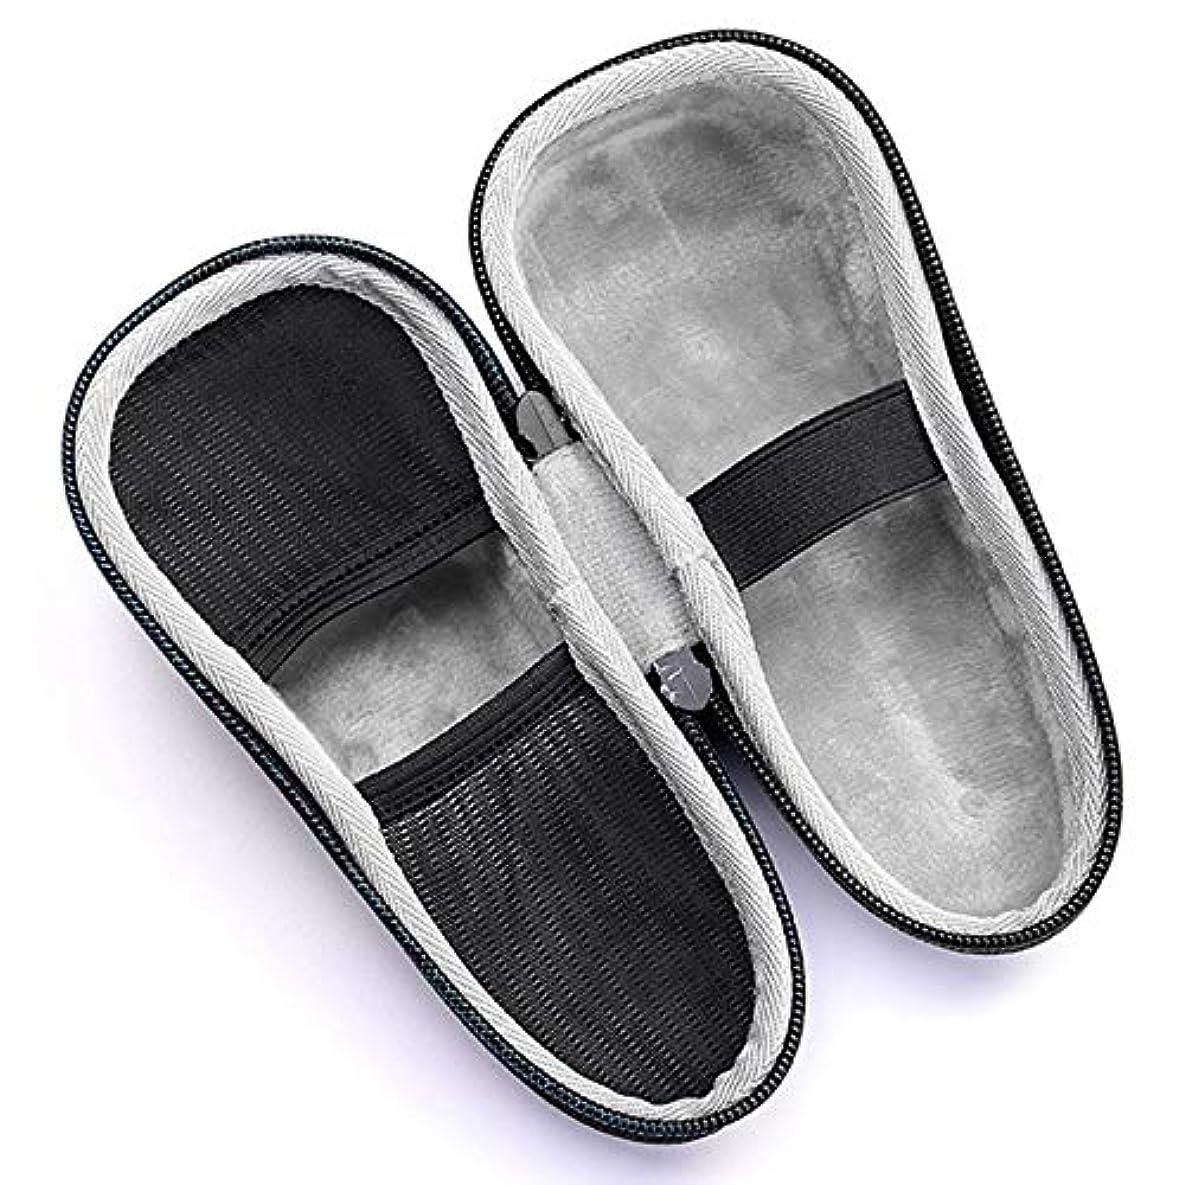 雨の信じる押すGaoominy 髭剃り用収納バッグ、電気シェーバー用、かみそりのバッグ、シェーバー用旅行ケース、シェービングマシンの収納ケース、バッグ